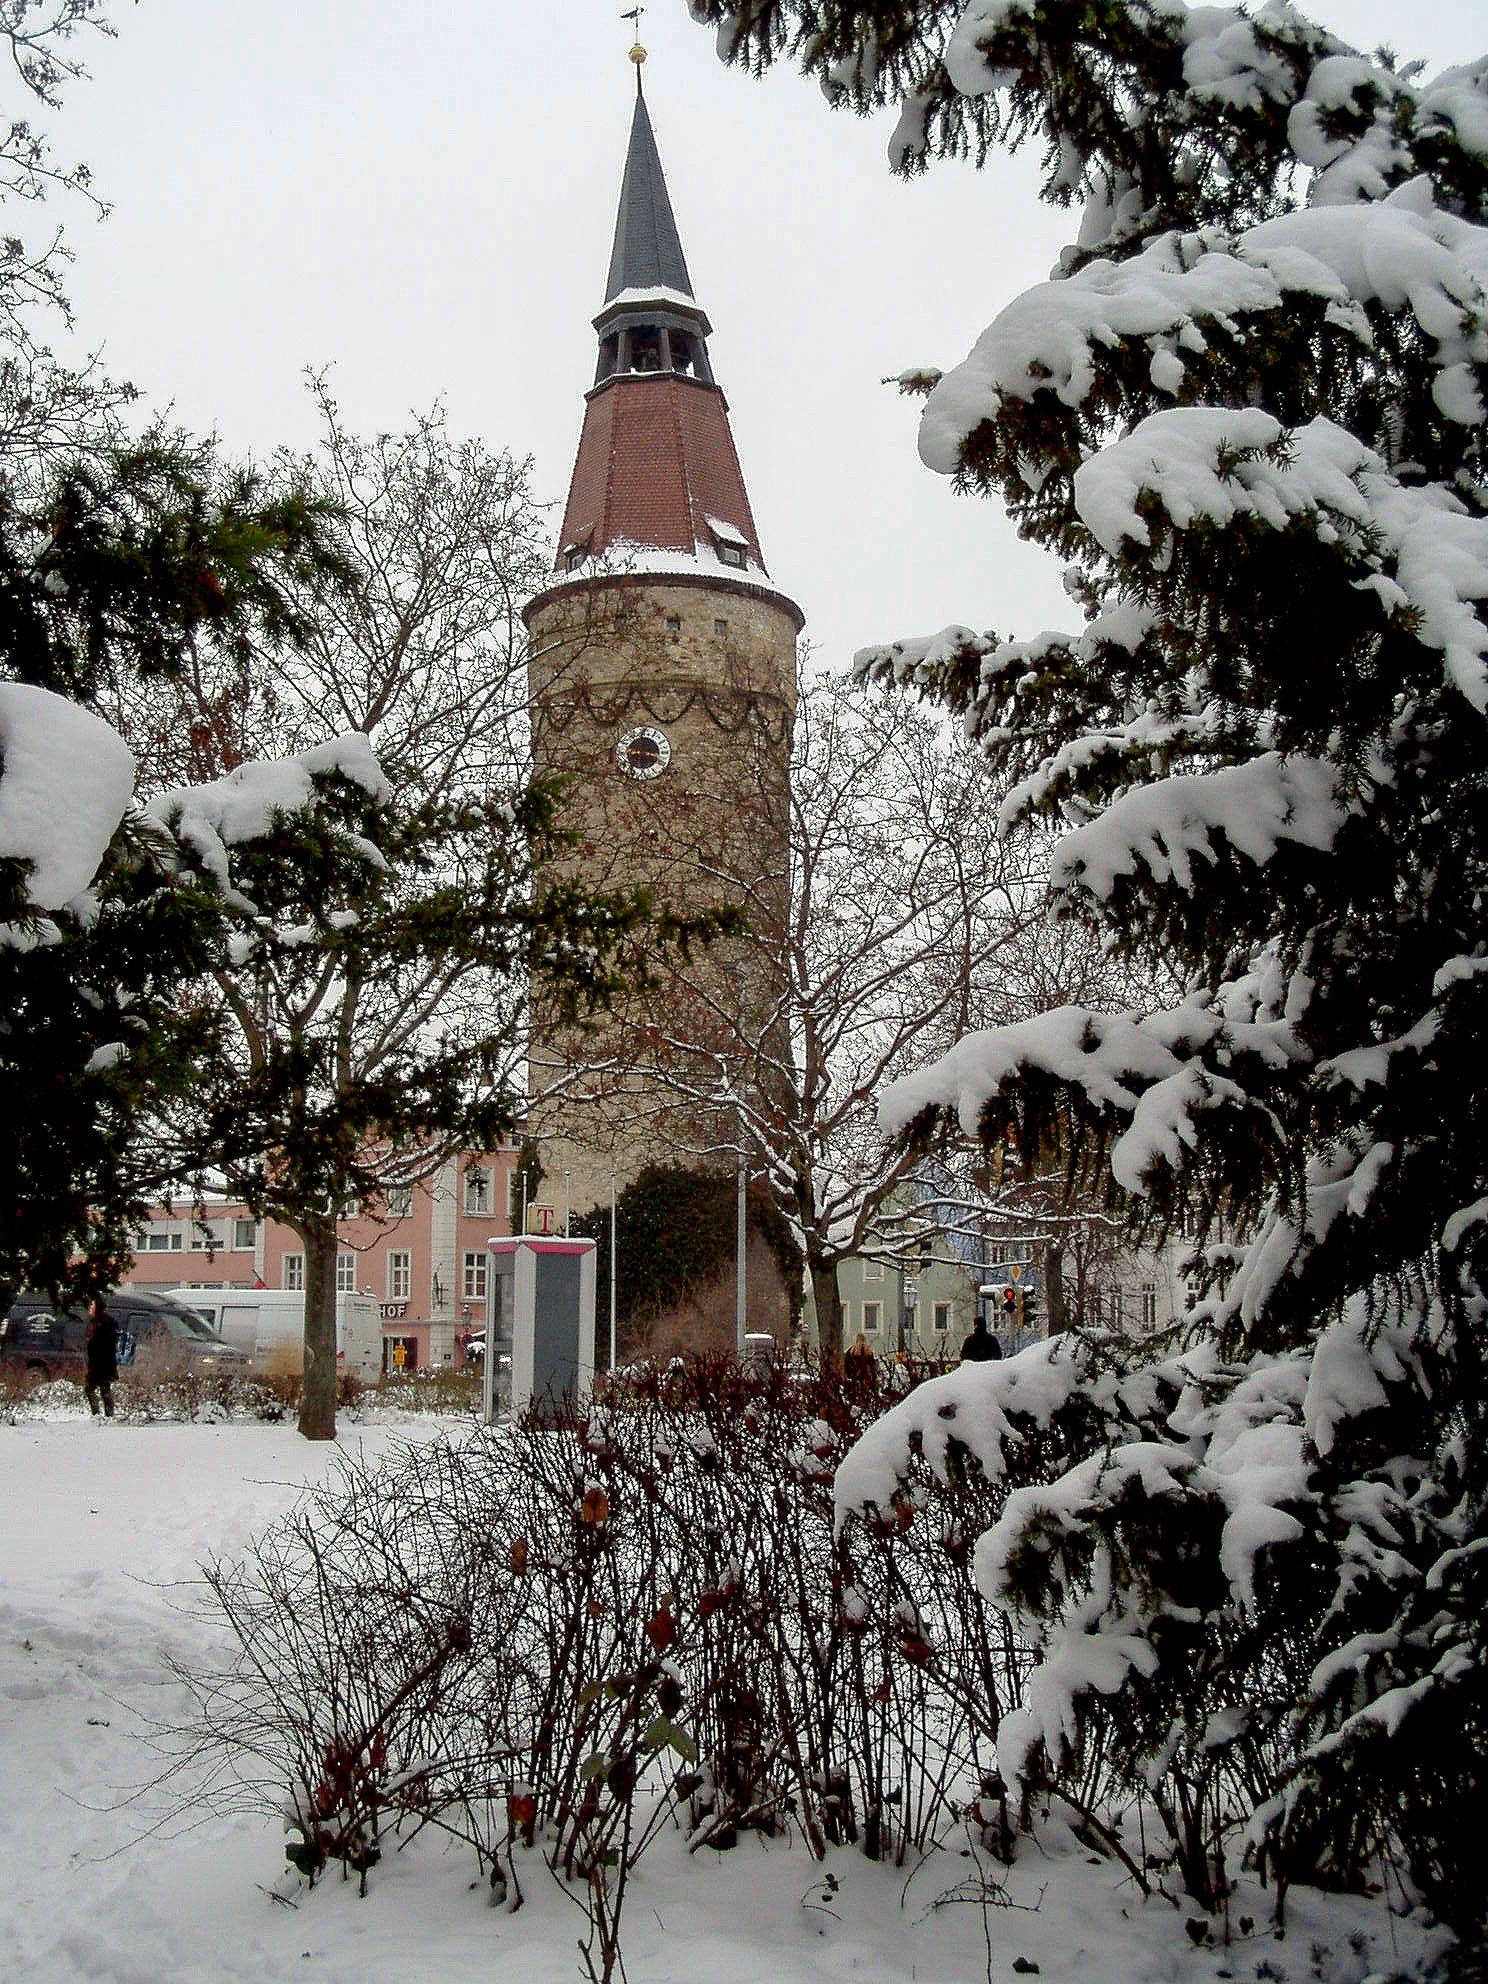 Der Falterturm, das Wahrzeichen der unterfränkischen Stadt Kitzingen